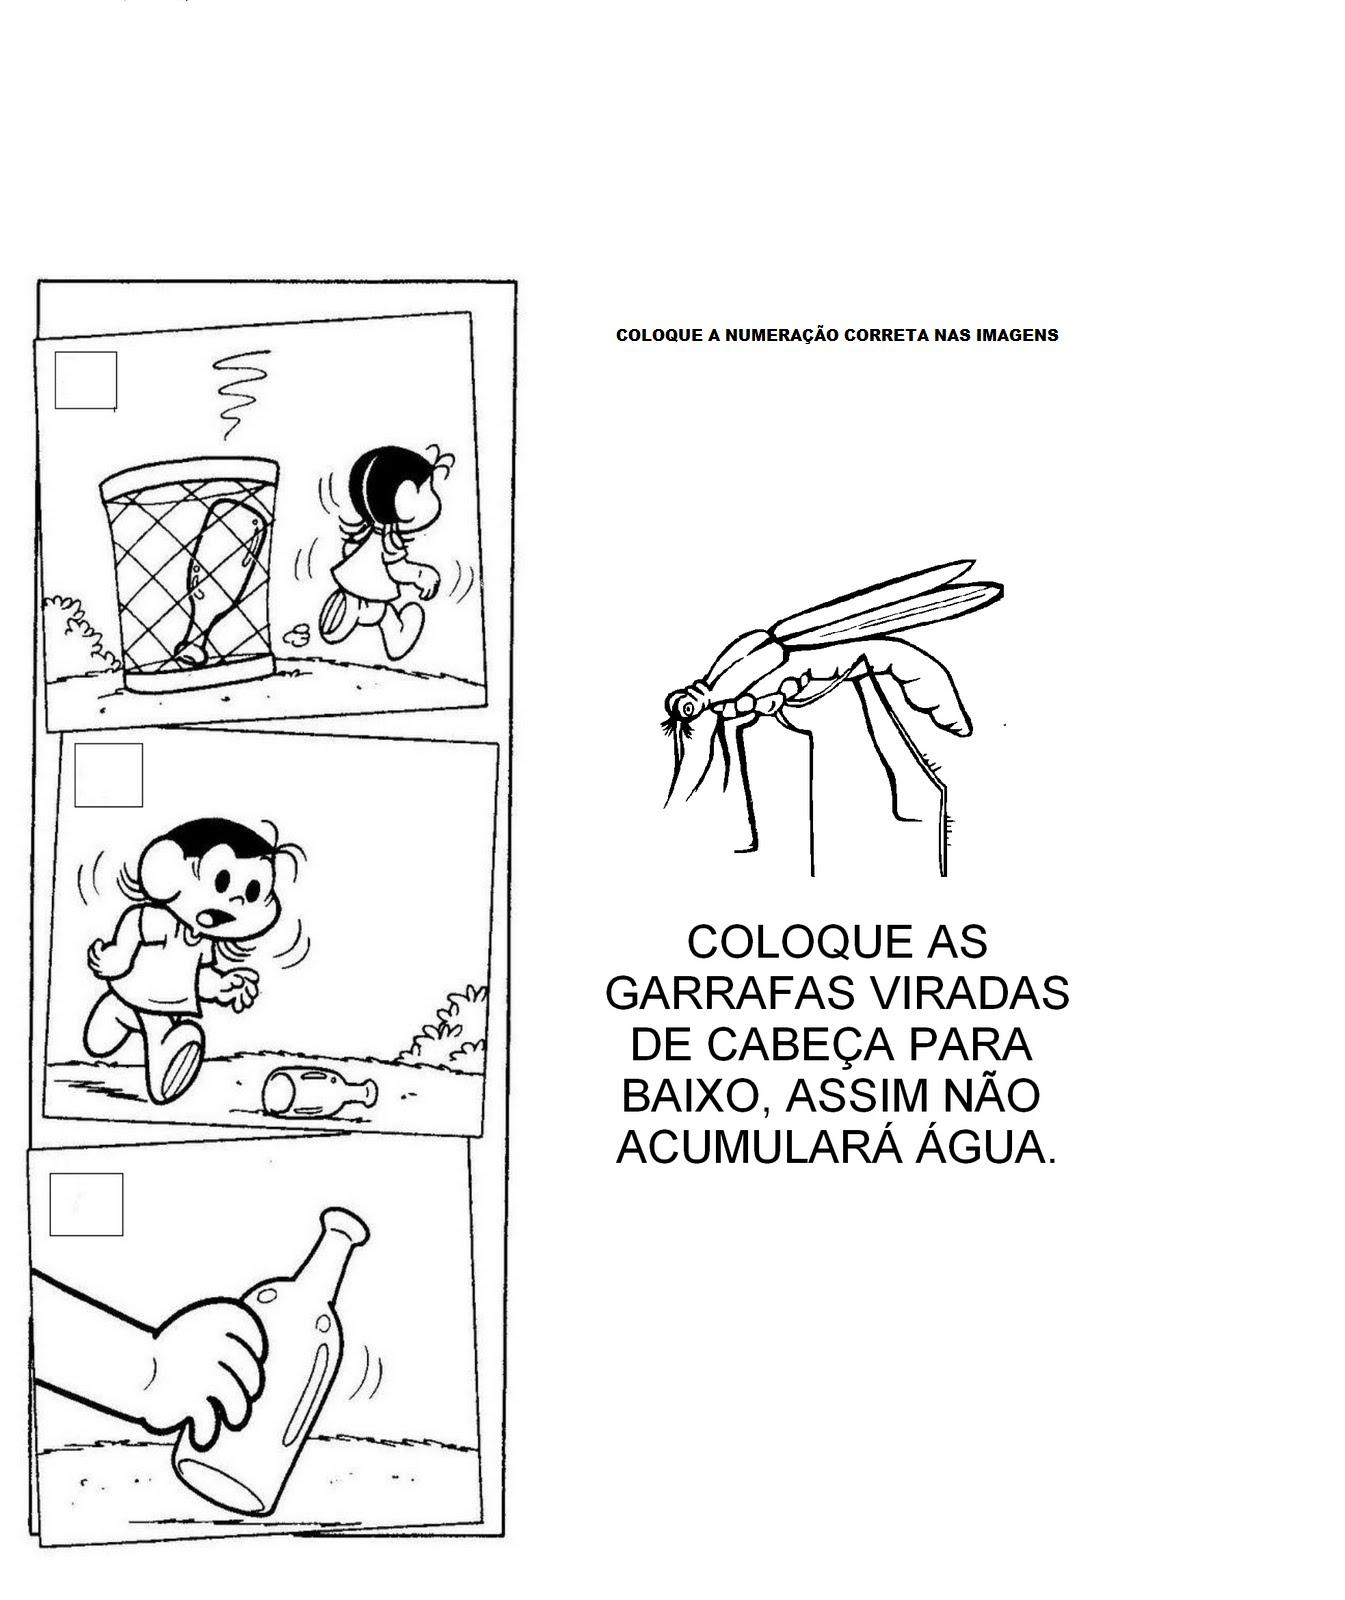 atividades alfabetizacao jardim horta pomar:atividades para educação infantil 4 anos: atividades projeto dengue